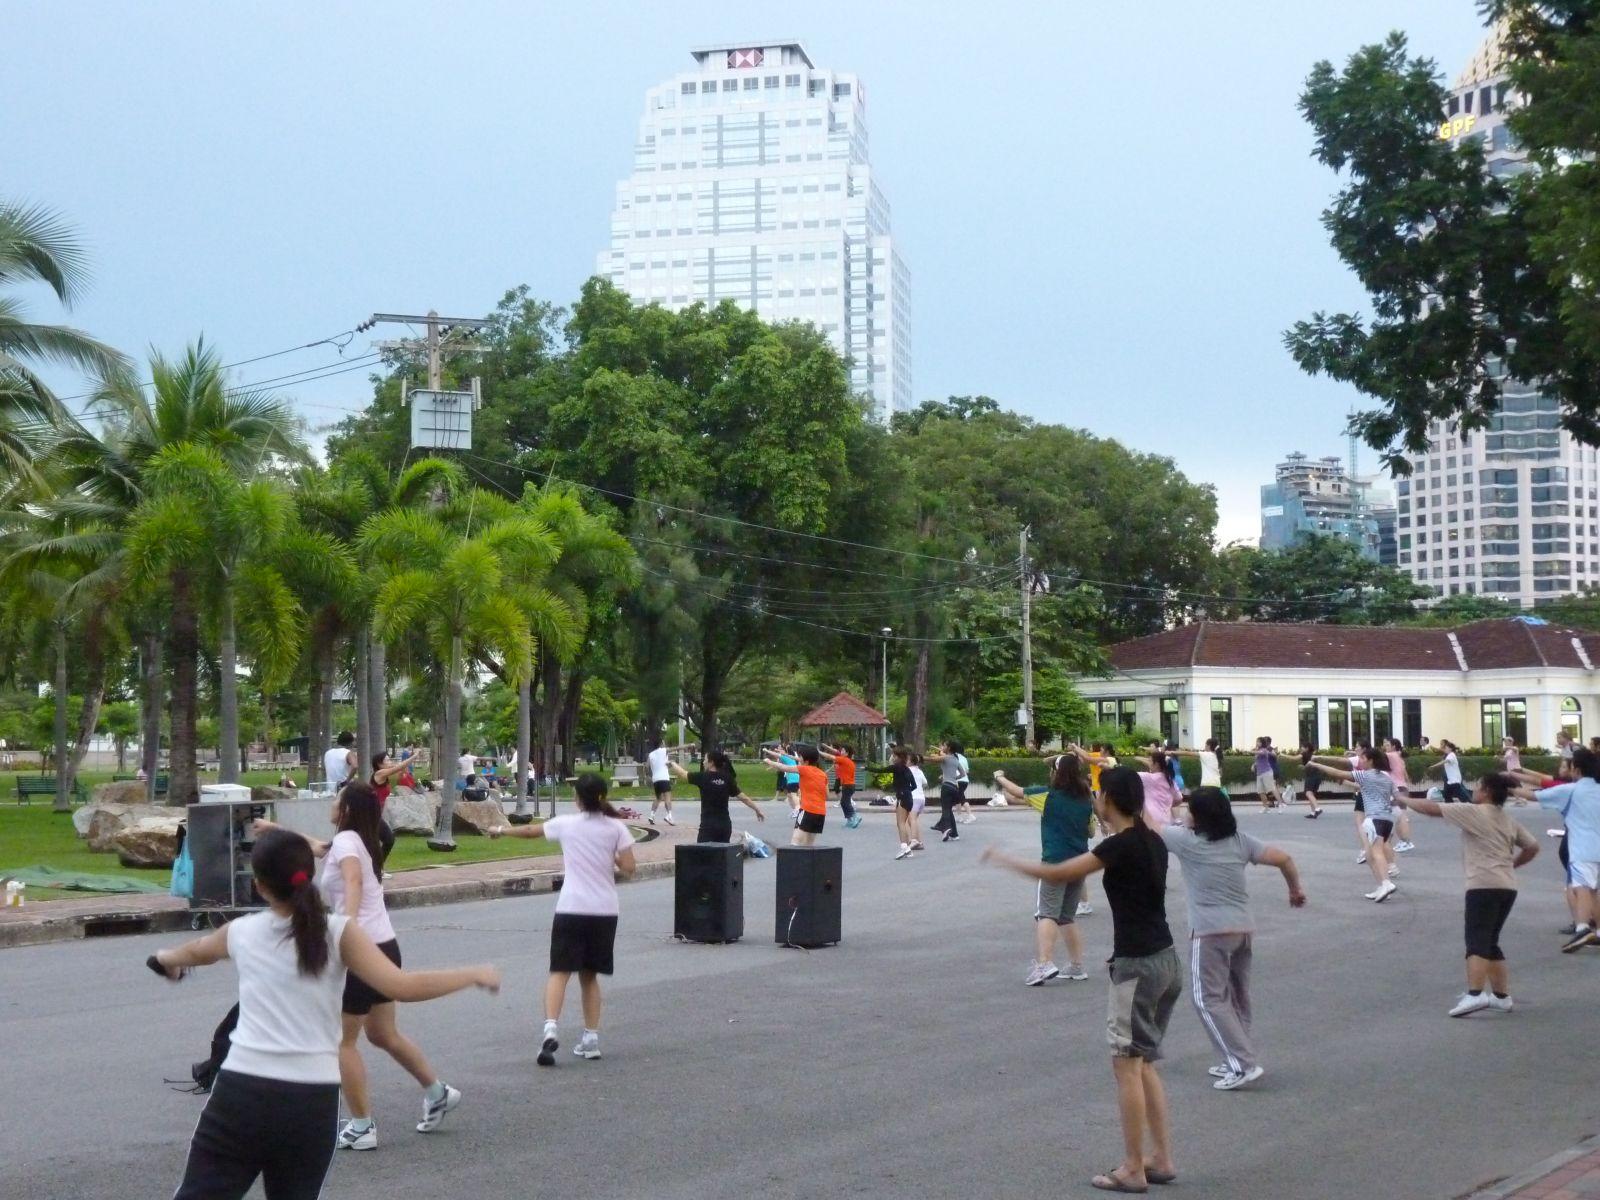 parc-lumpini-4-gym-collective